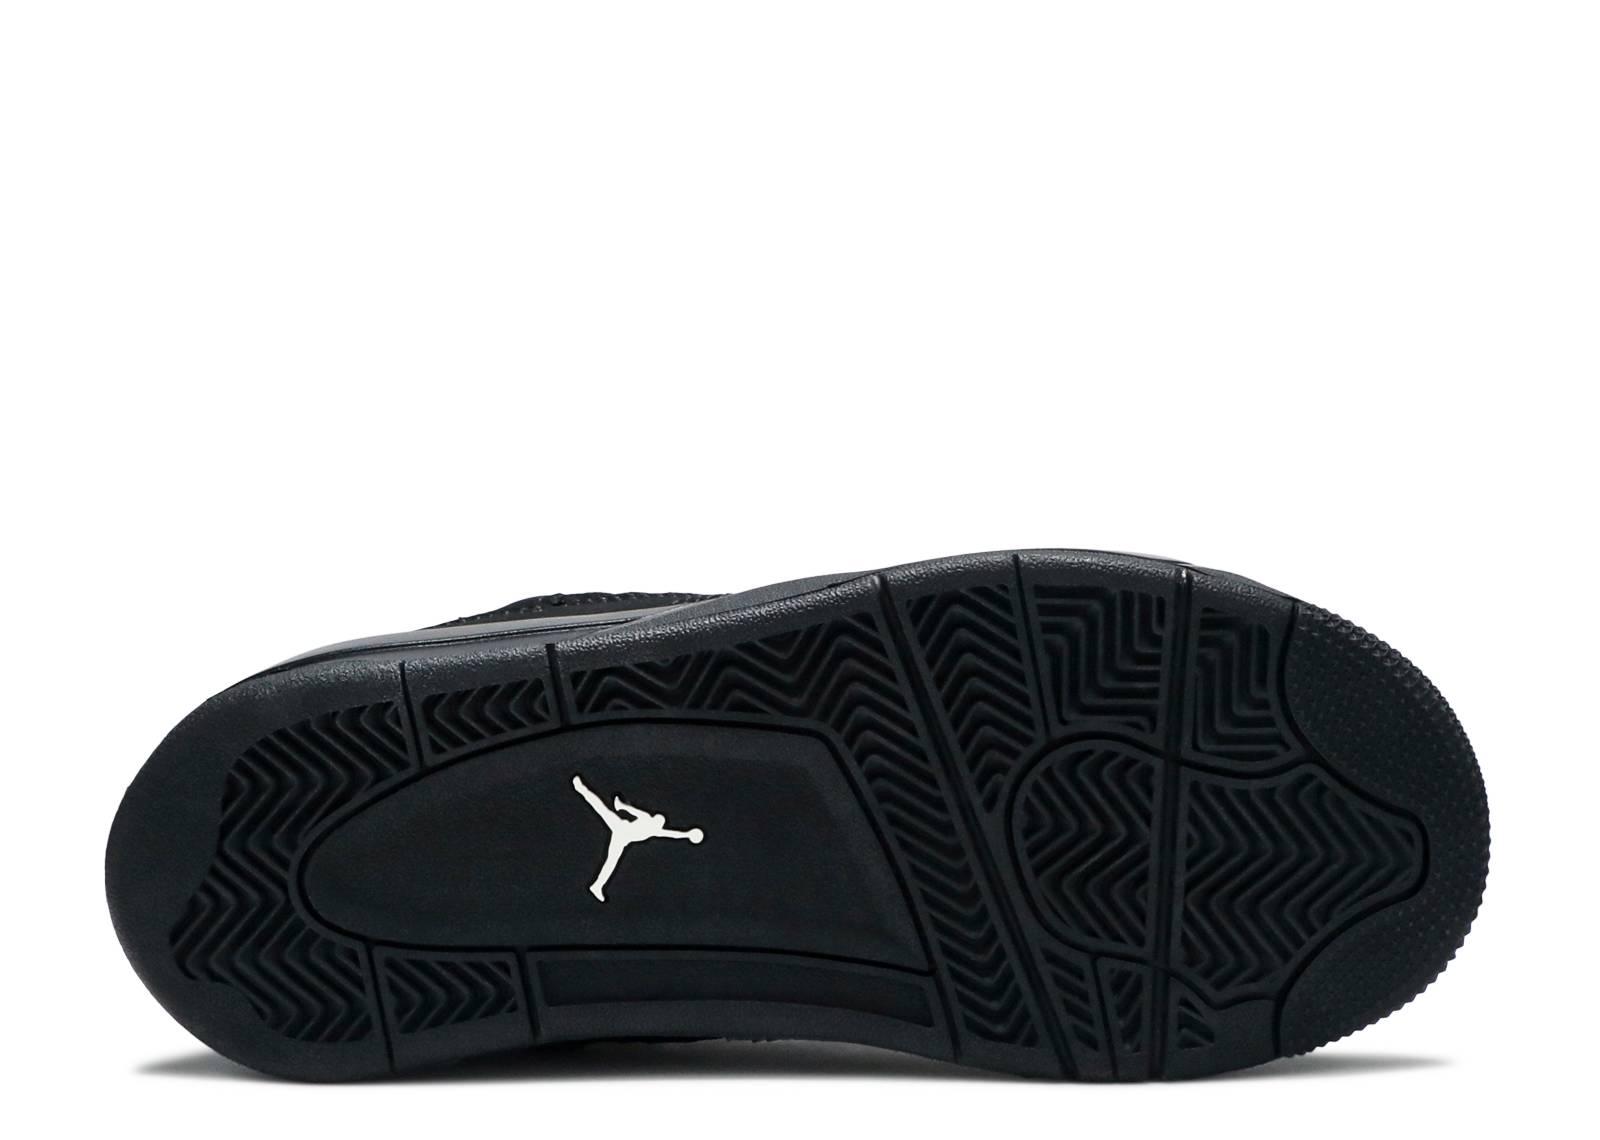 Air Jordan 4 Retro PS 'Black Cat' 2020